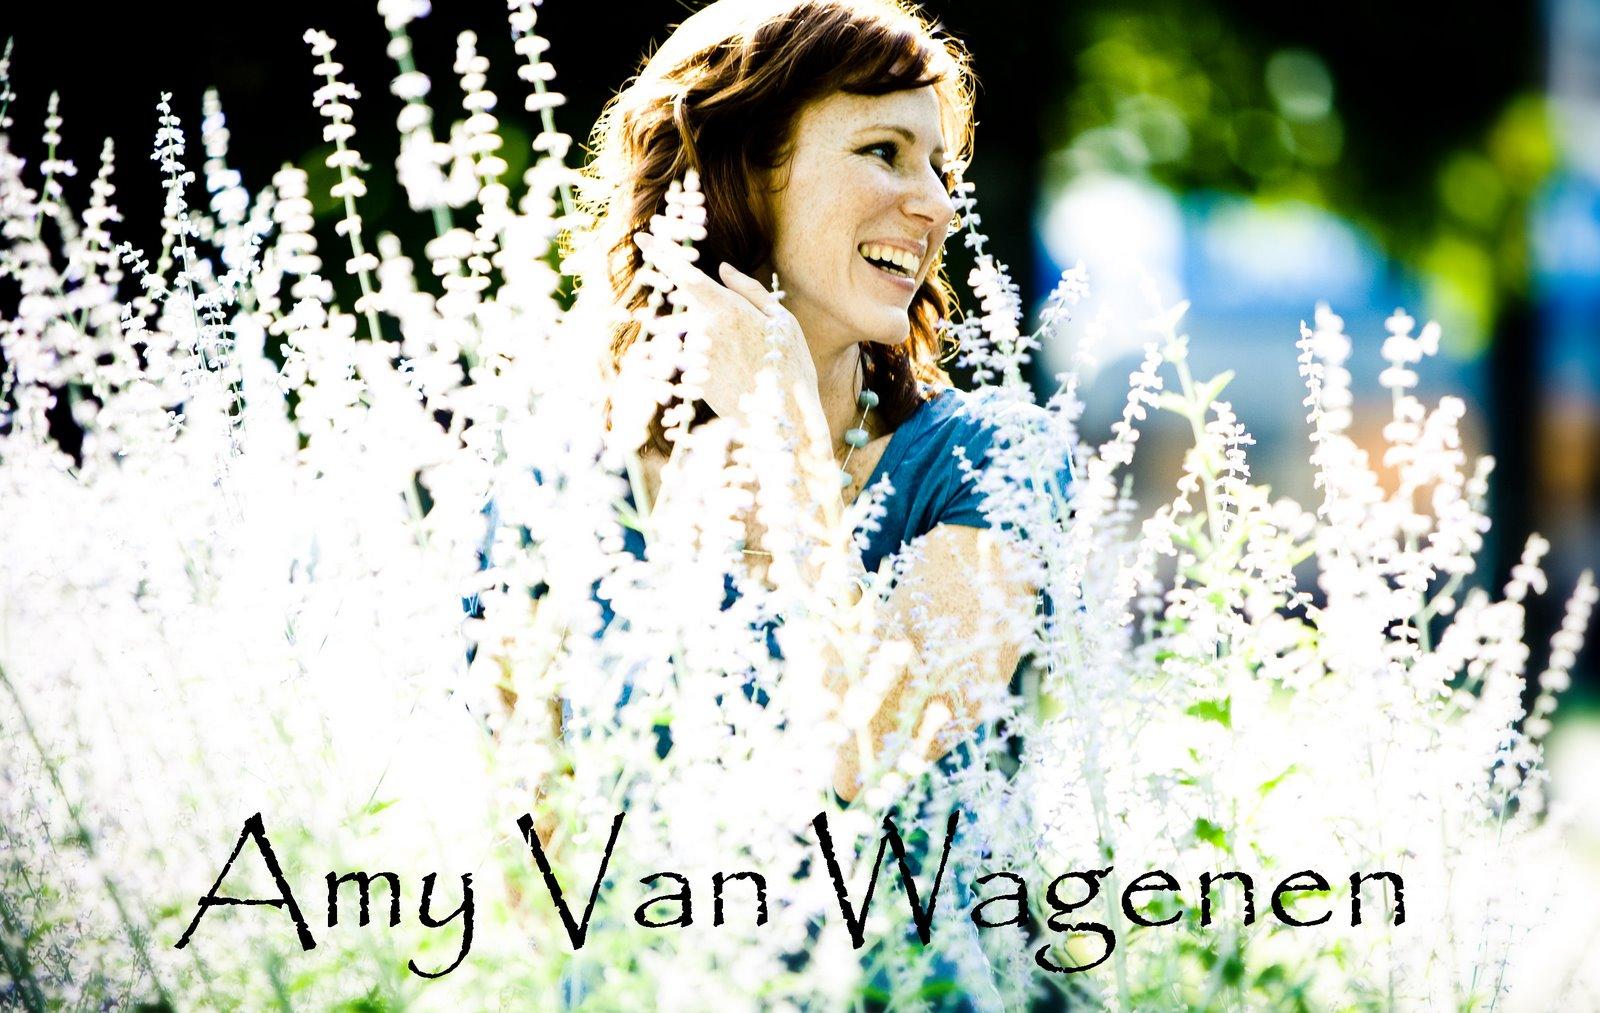 Amy Van Wagenen